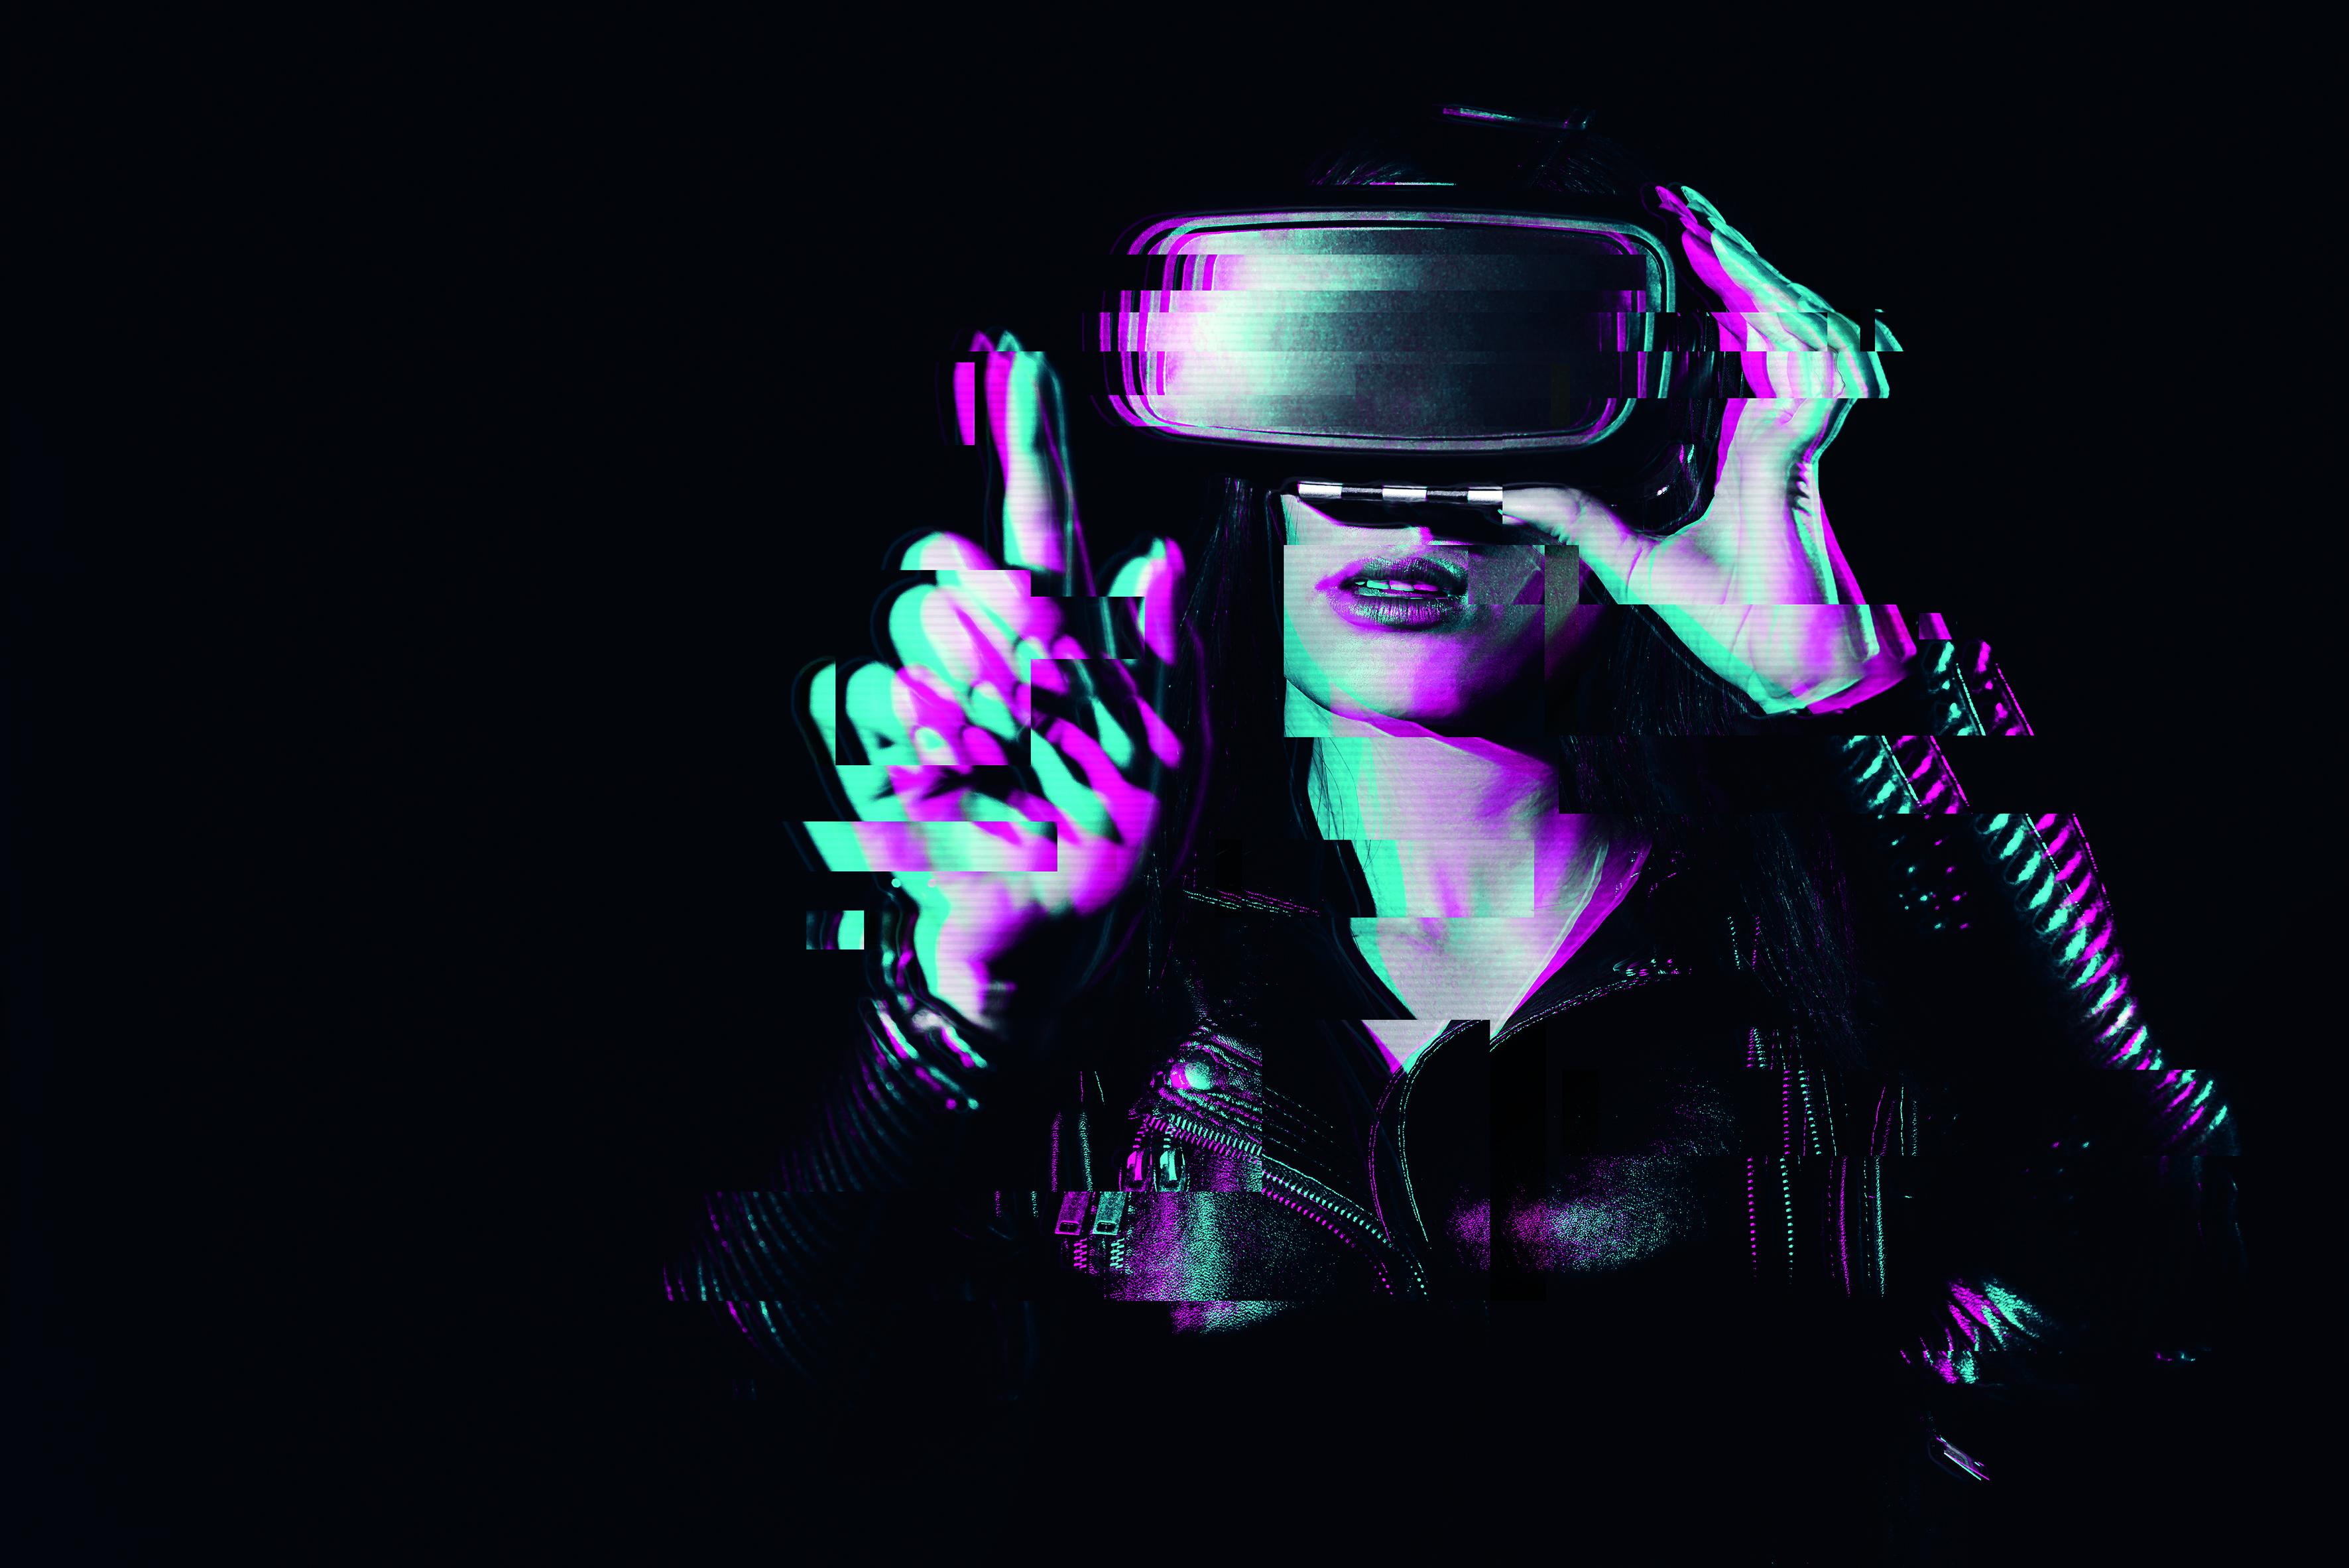 Nem sci-fi: hallgatói mobilitás 2023-ban